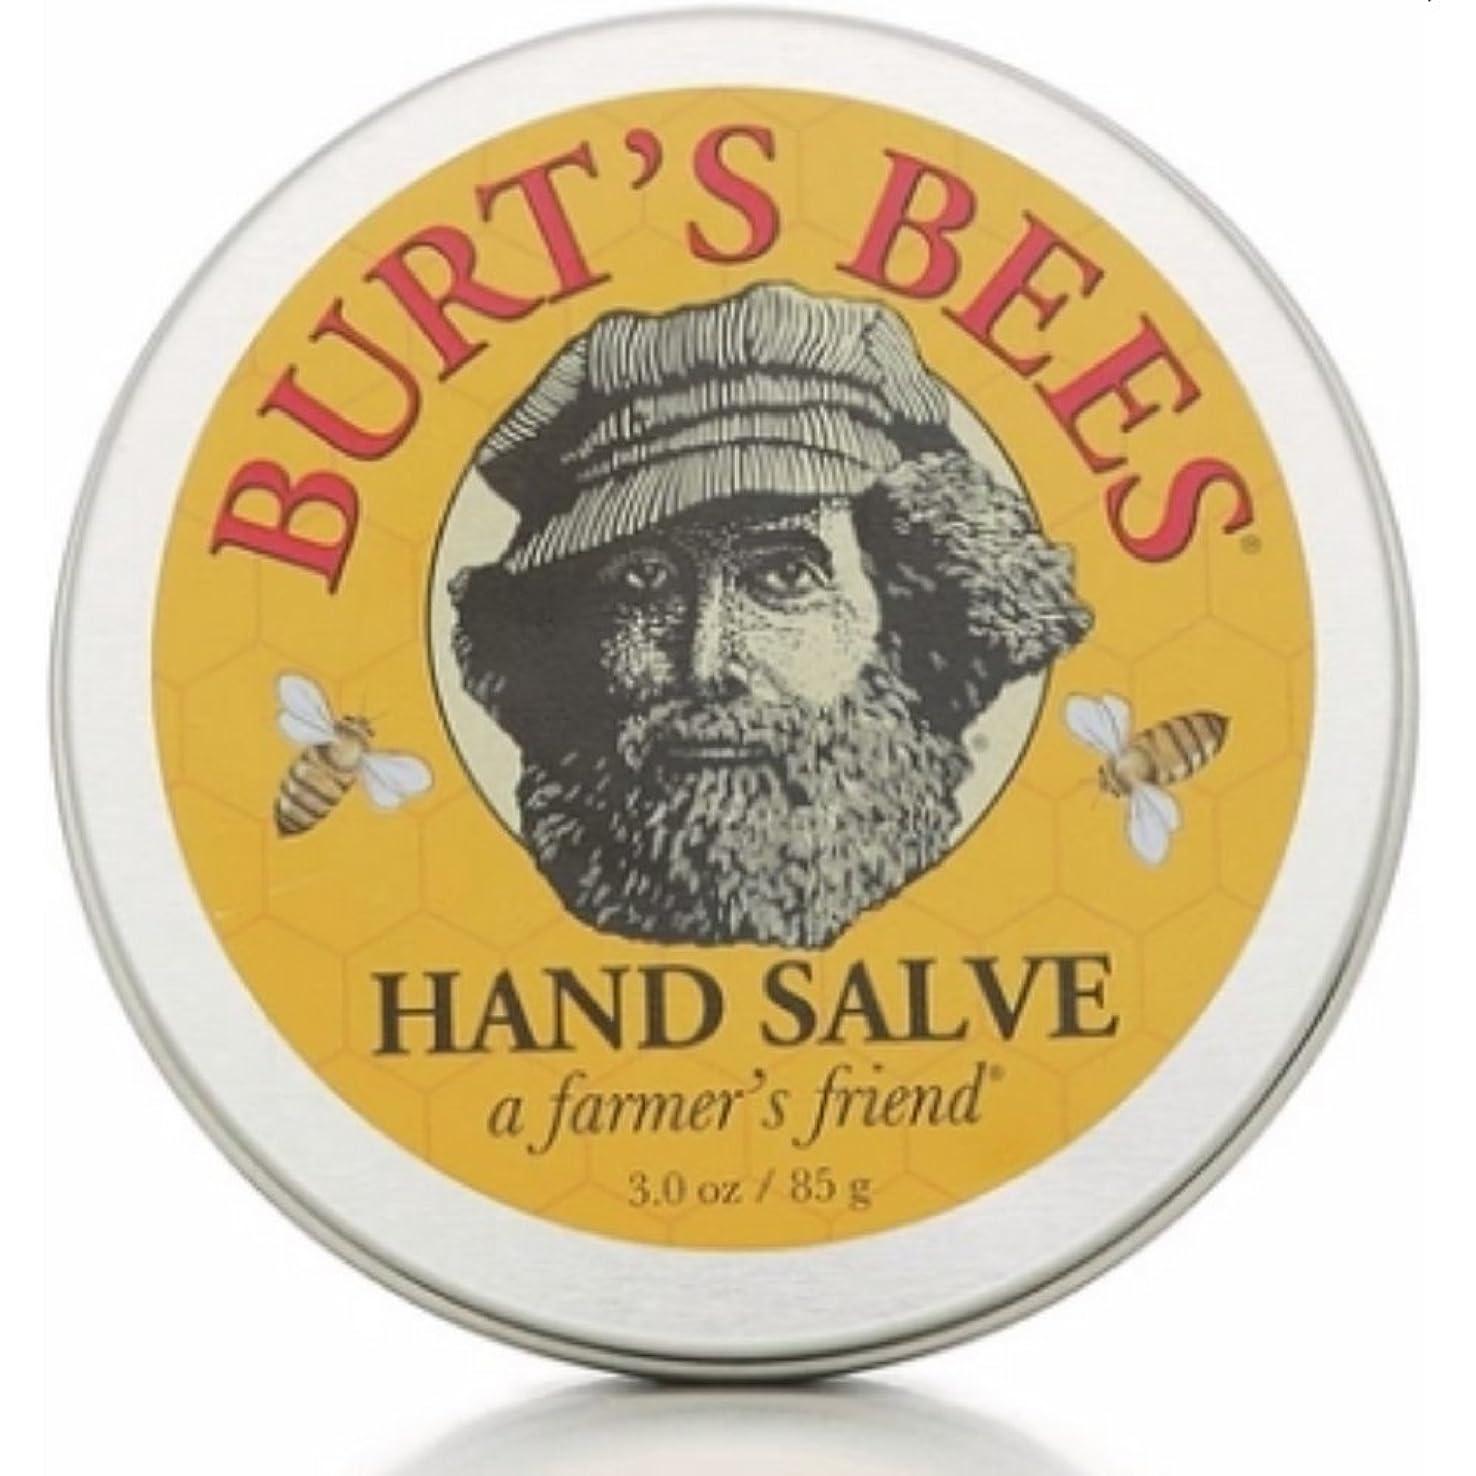 姿勢旋律的市民バーツビーズ Burts Bees ハンドサルブ 85g 【並行輸入品】